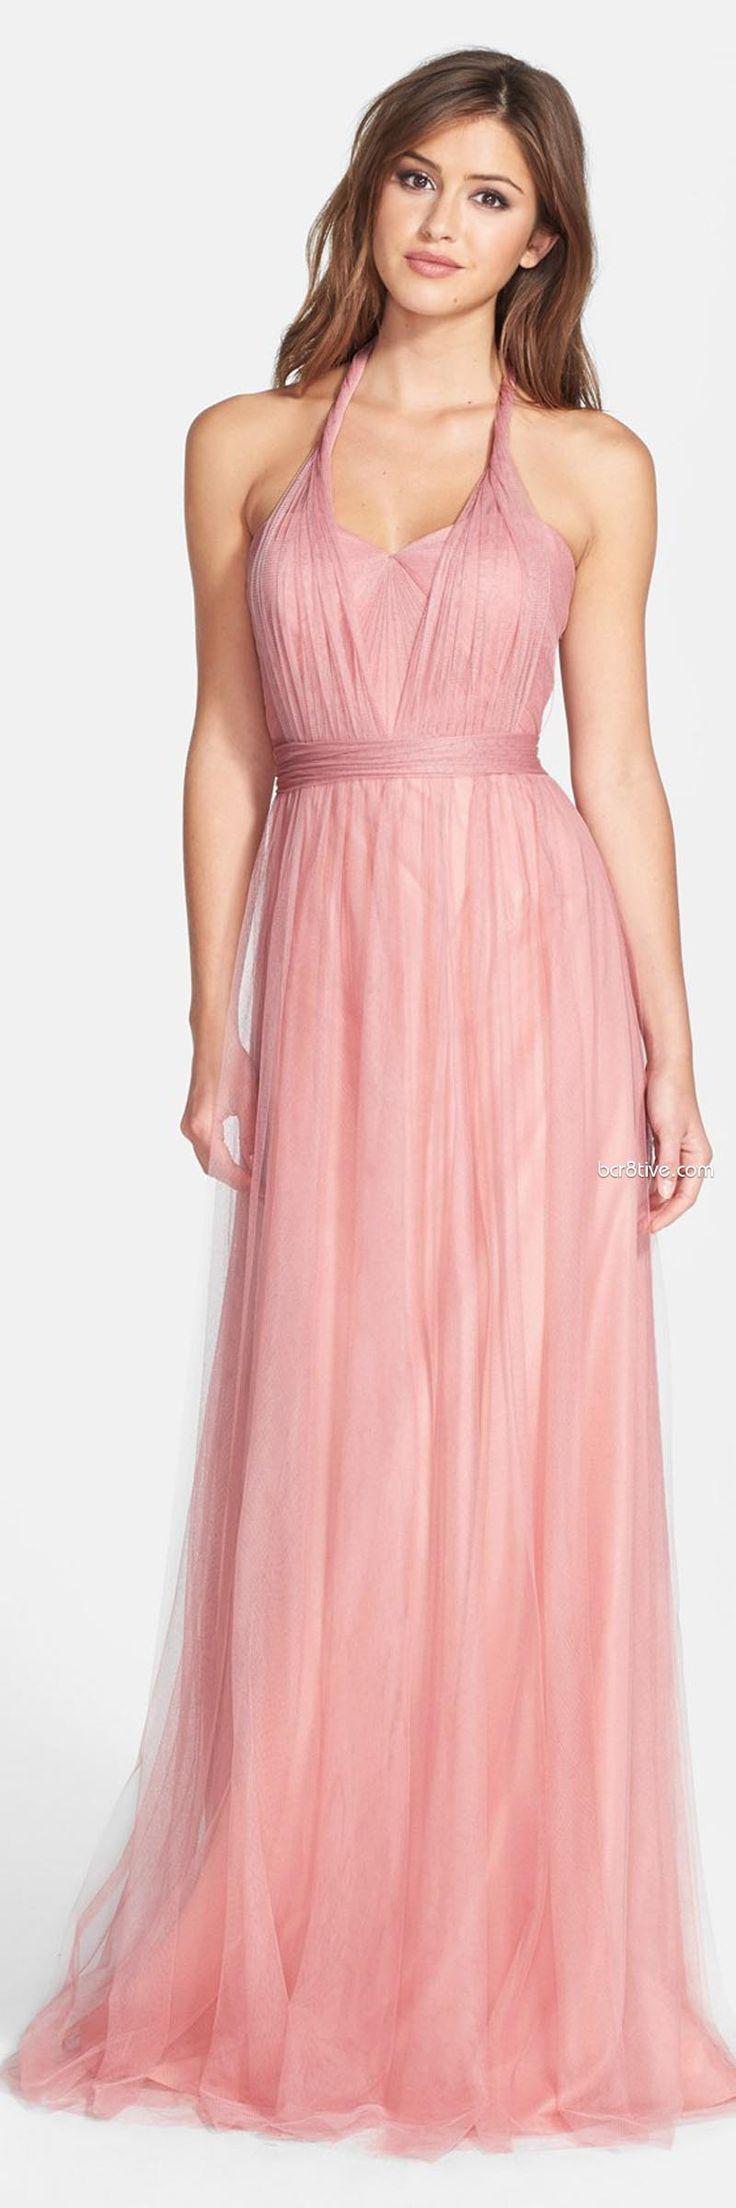 Mejores 34 imágenes de vestidos en Pinterest | Mi estilo, Belleza de ...